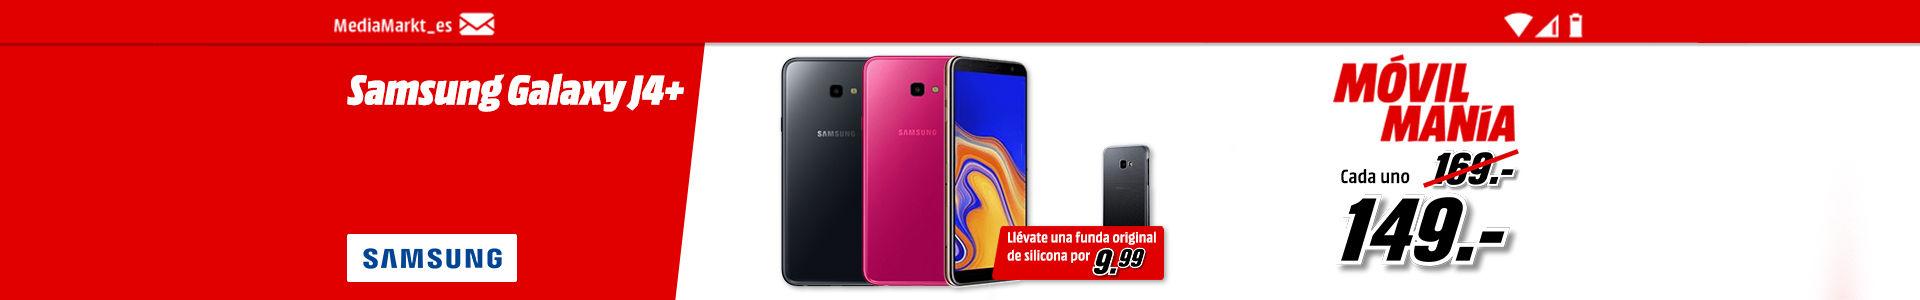 4ba9e0623b9 Si buscas un smartphone con oferta, en Media Markt tienes una opción que no  puedes dejar pasar por alto durante esta 'Móvil manía'.